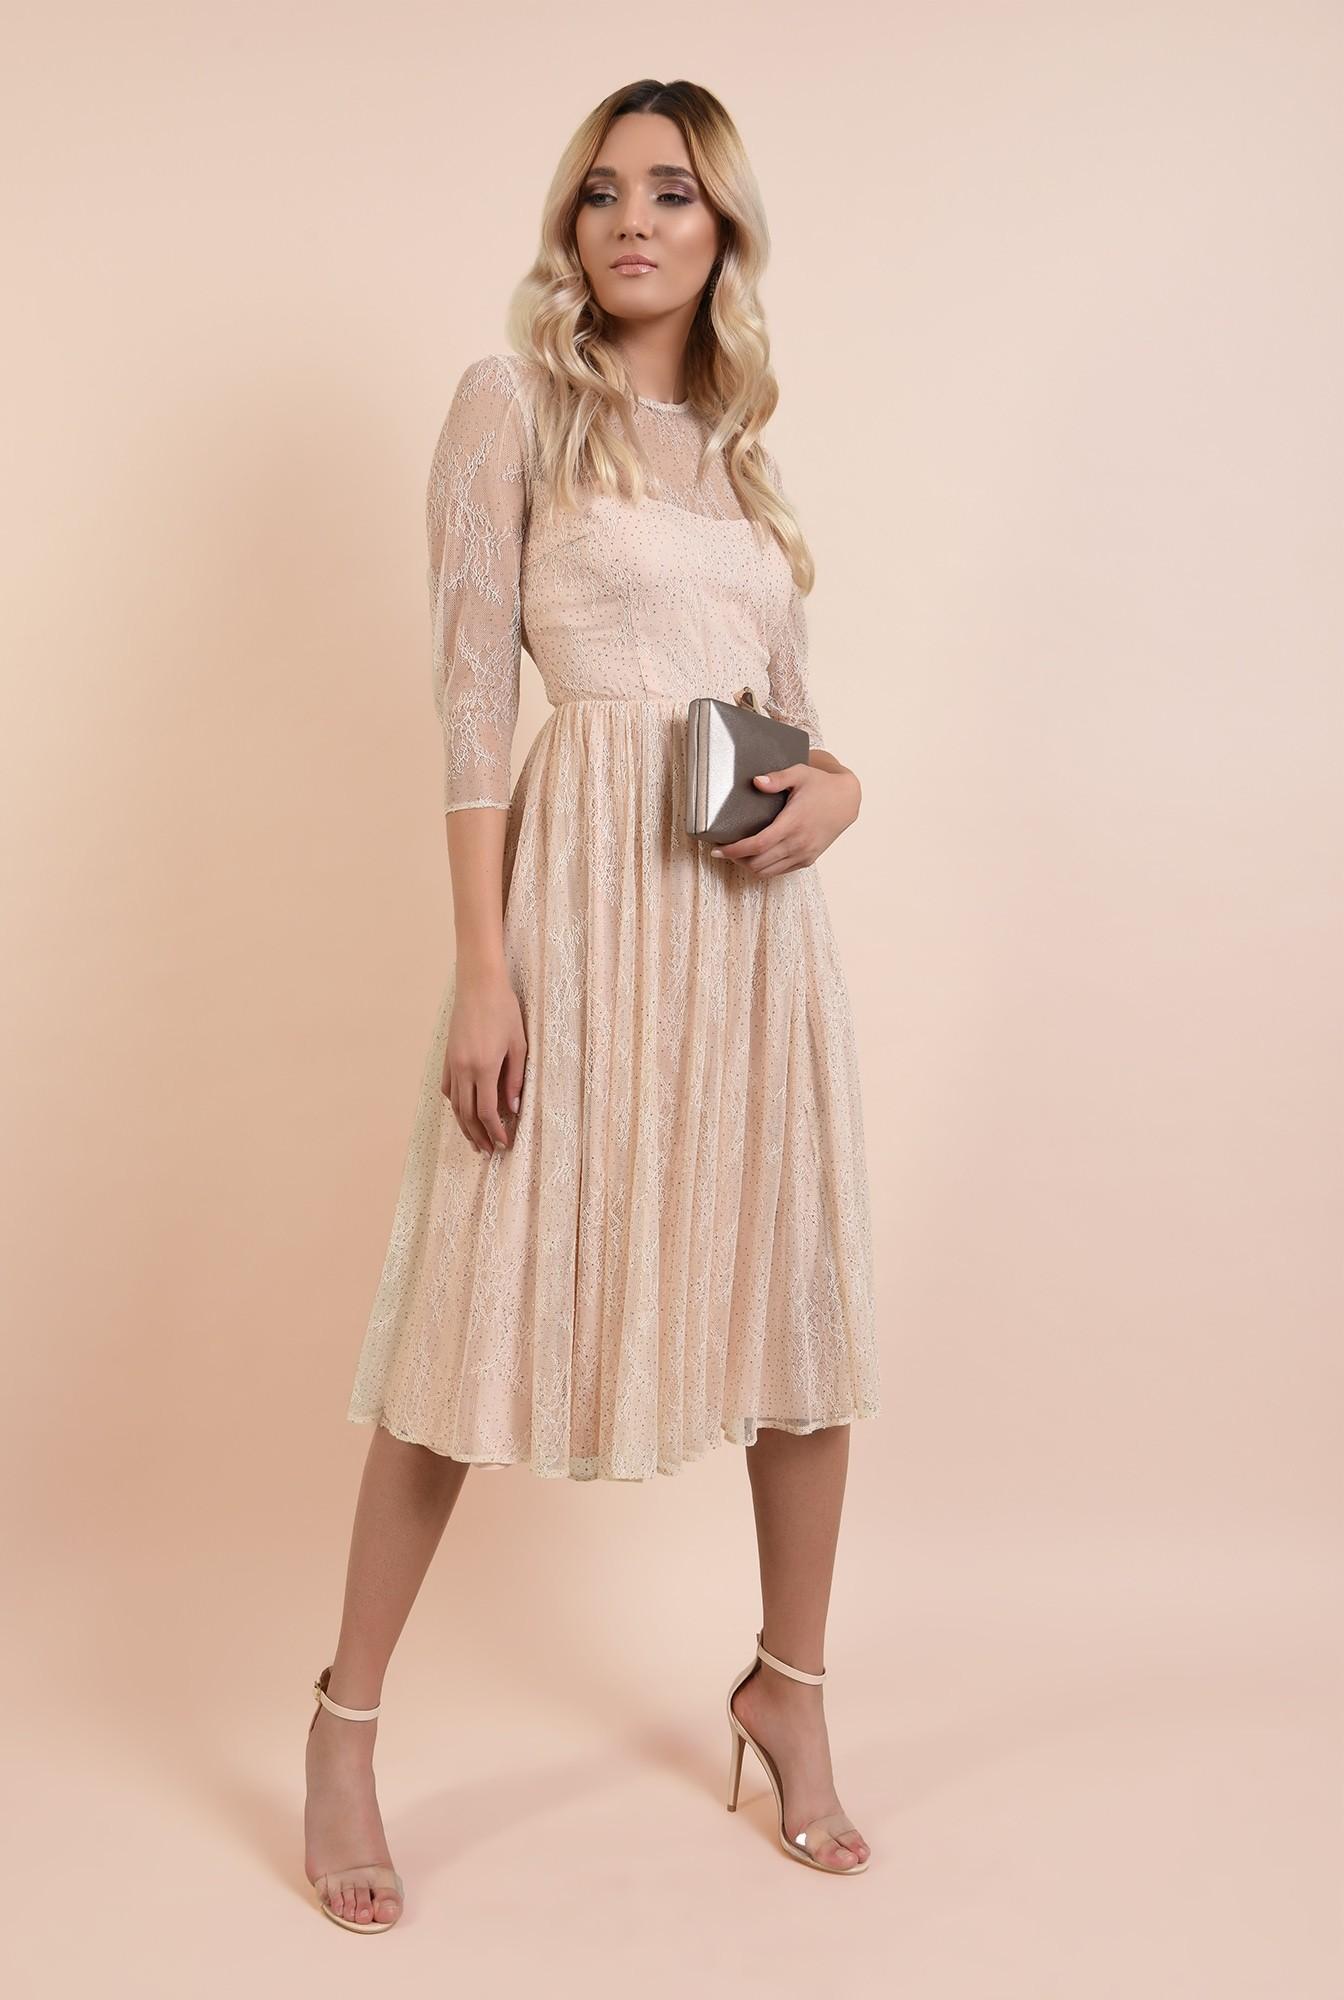 3 - rochie eleganta, crem, din tulle, cu top din dantela, nude, broderie florala fina, Poema